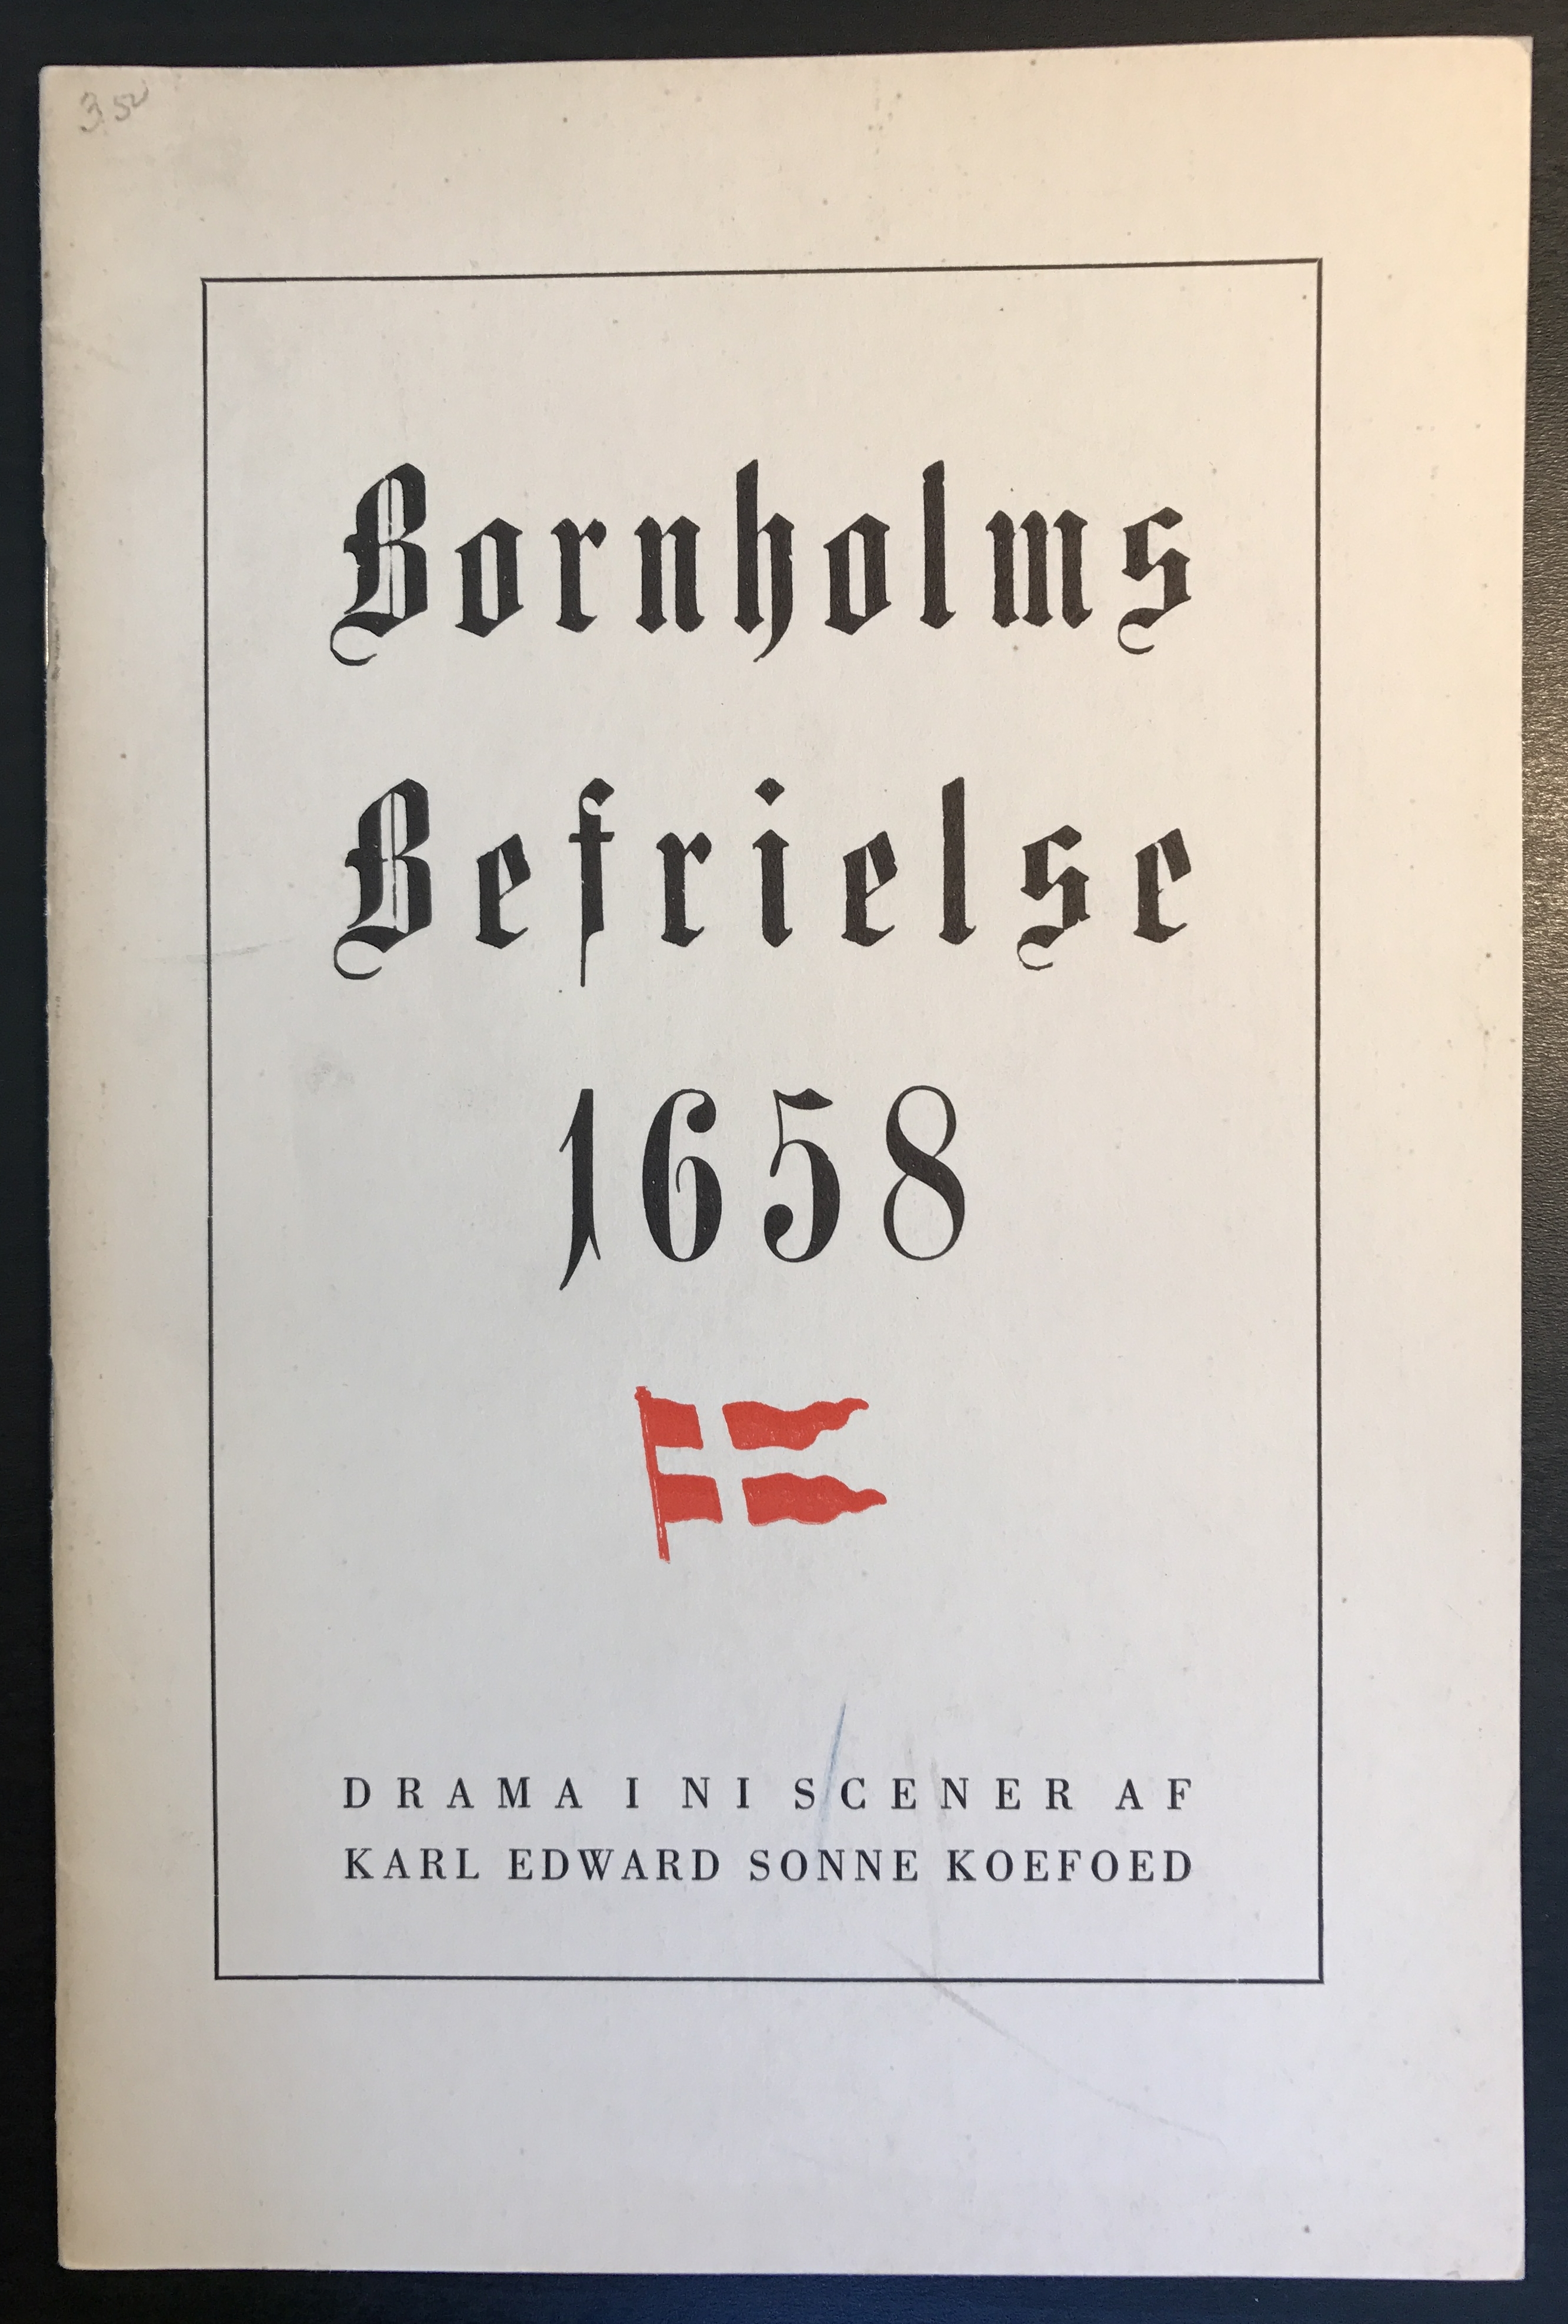 Bornholms befrielse 1658